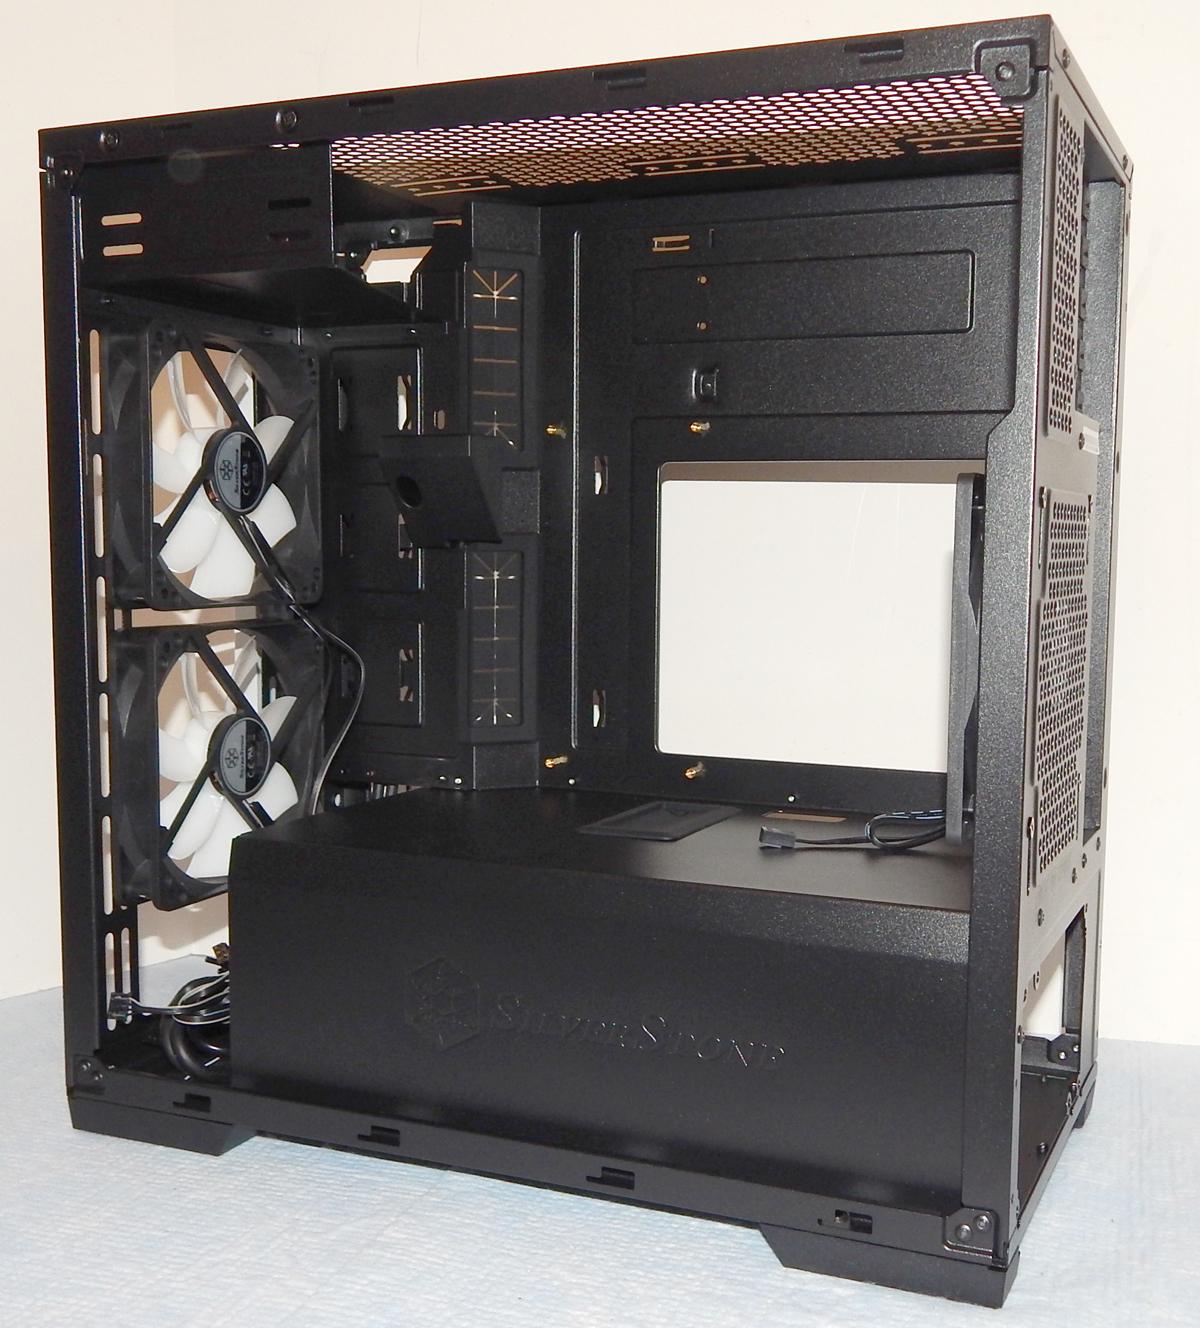 SilverStone RL08 Inside Front